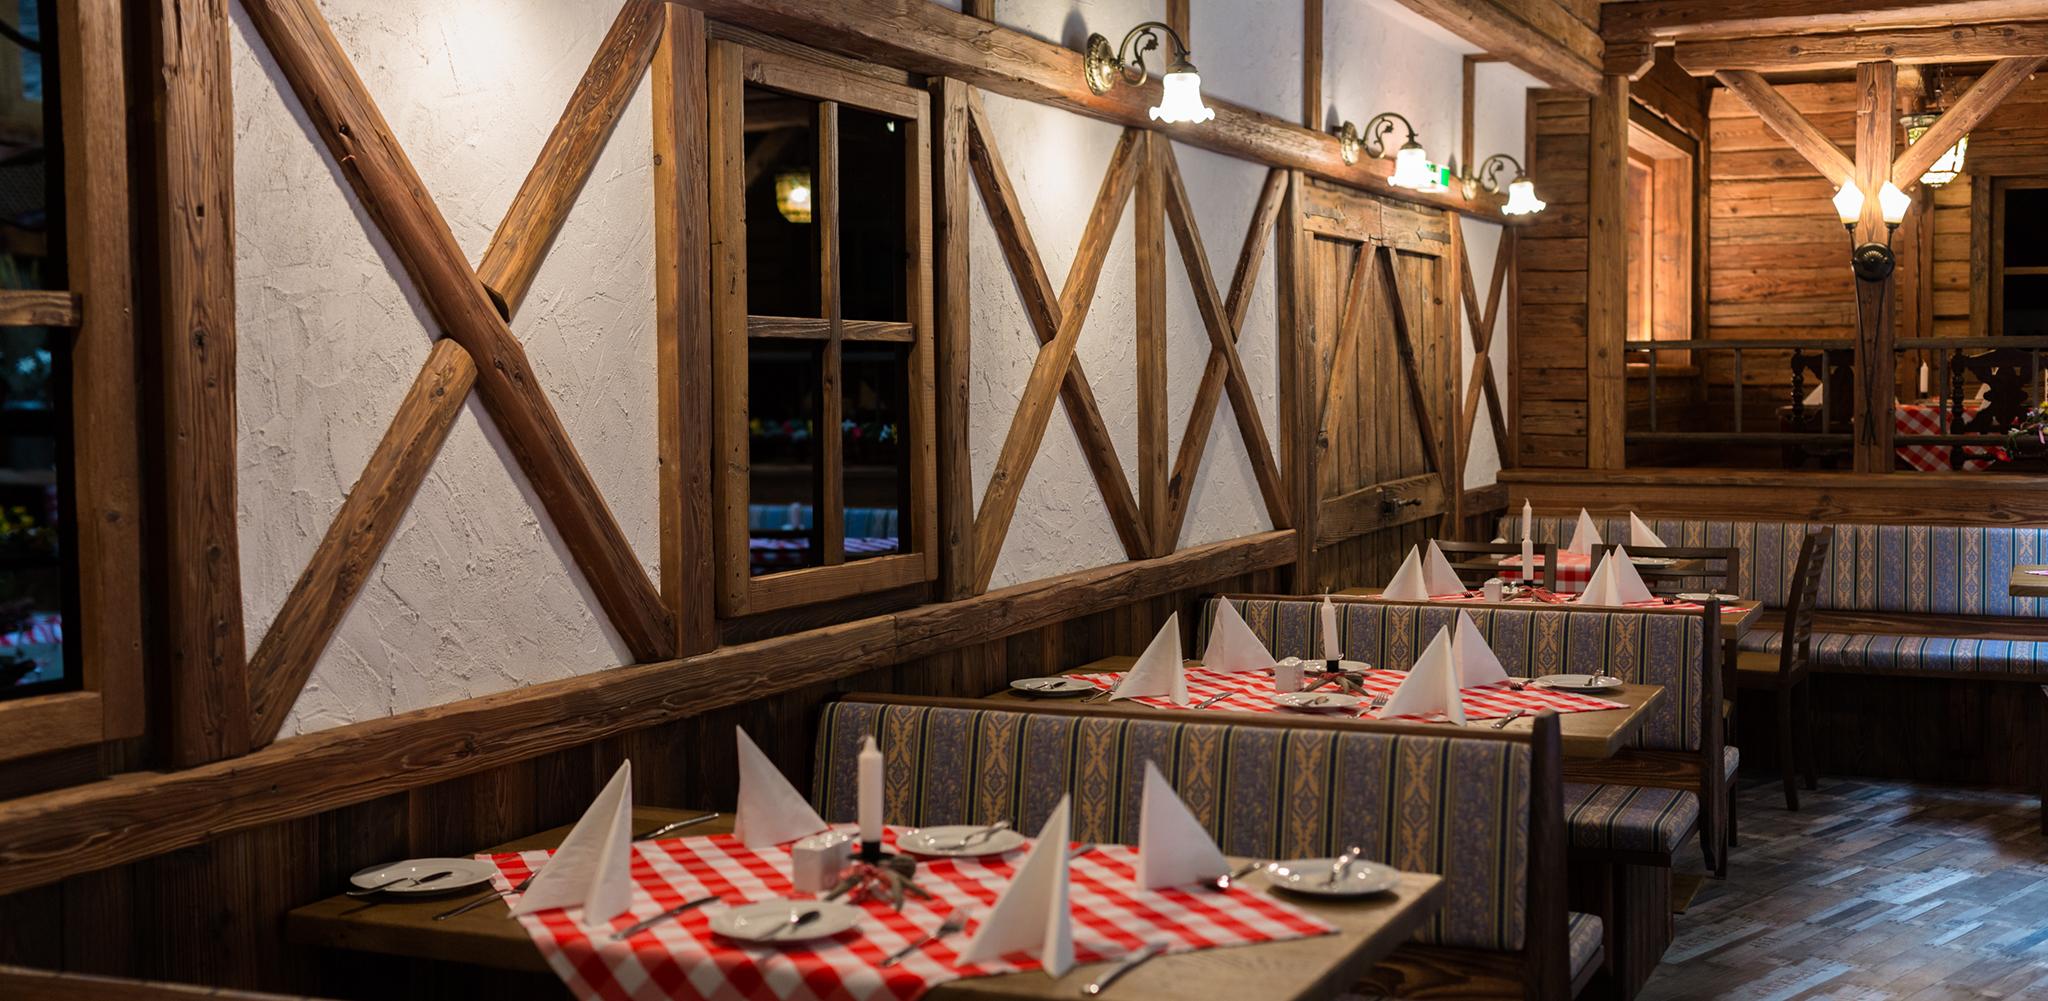 Wiens Einziges Trachtenhotel Das Enziana Hotel Vienna Eroffnet Die